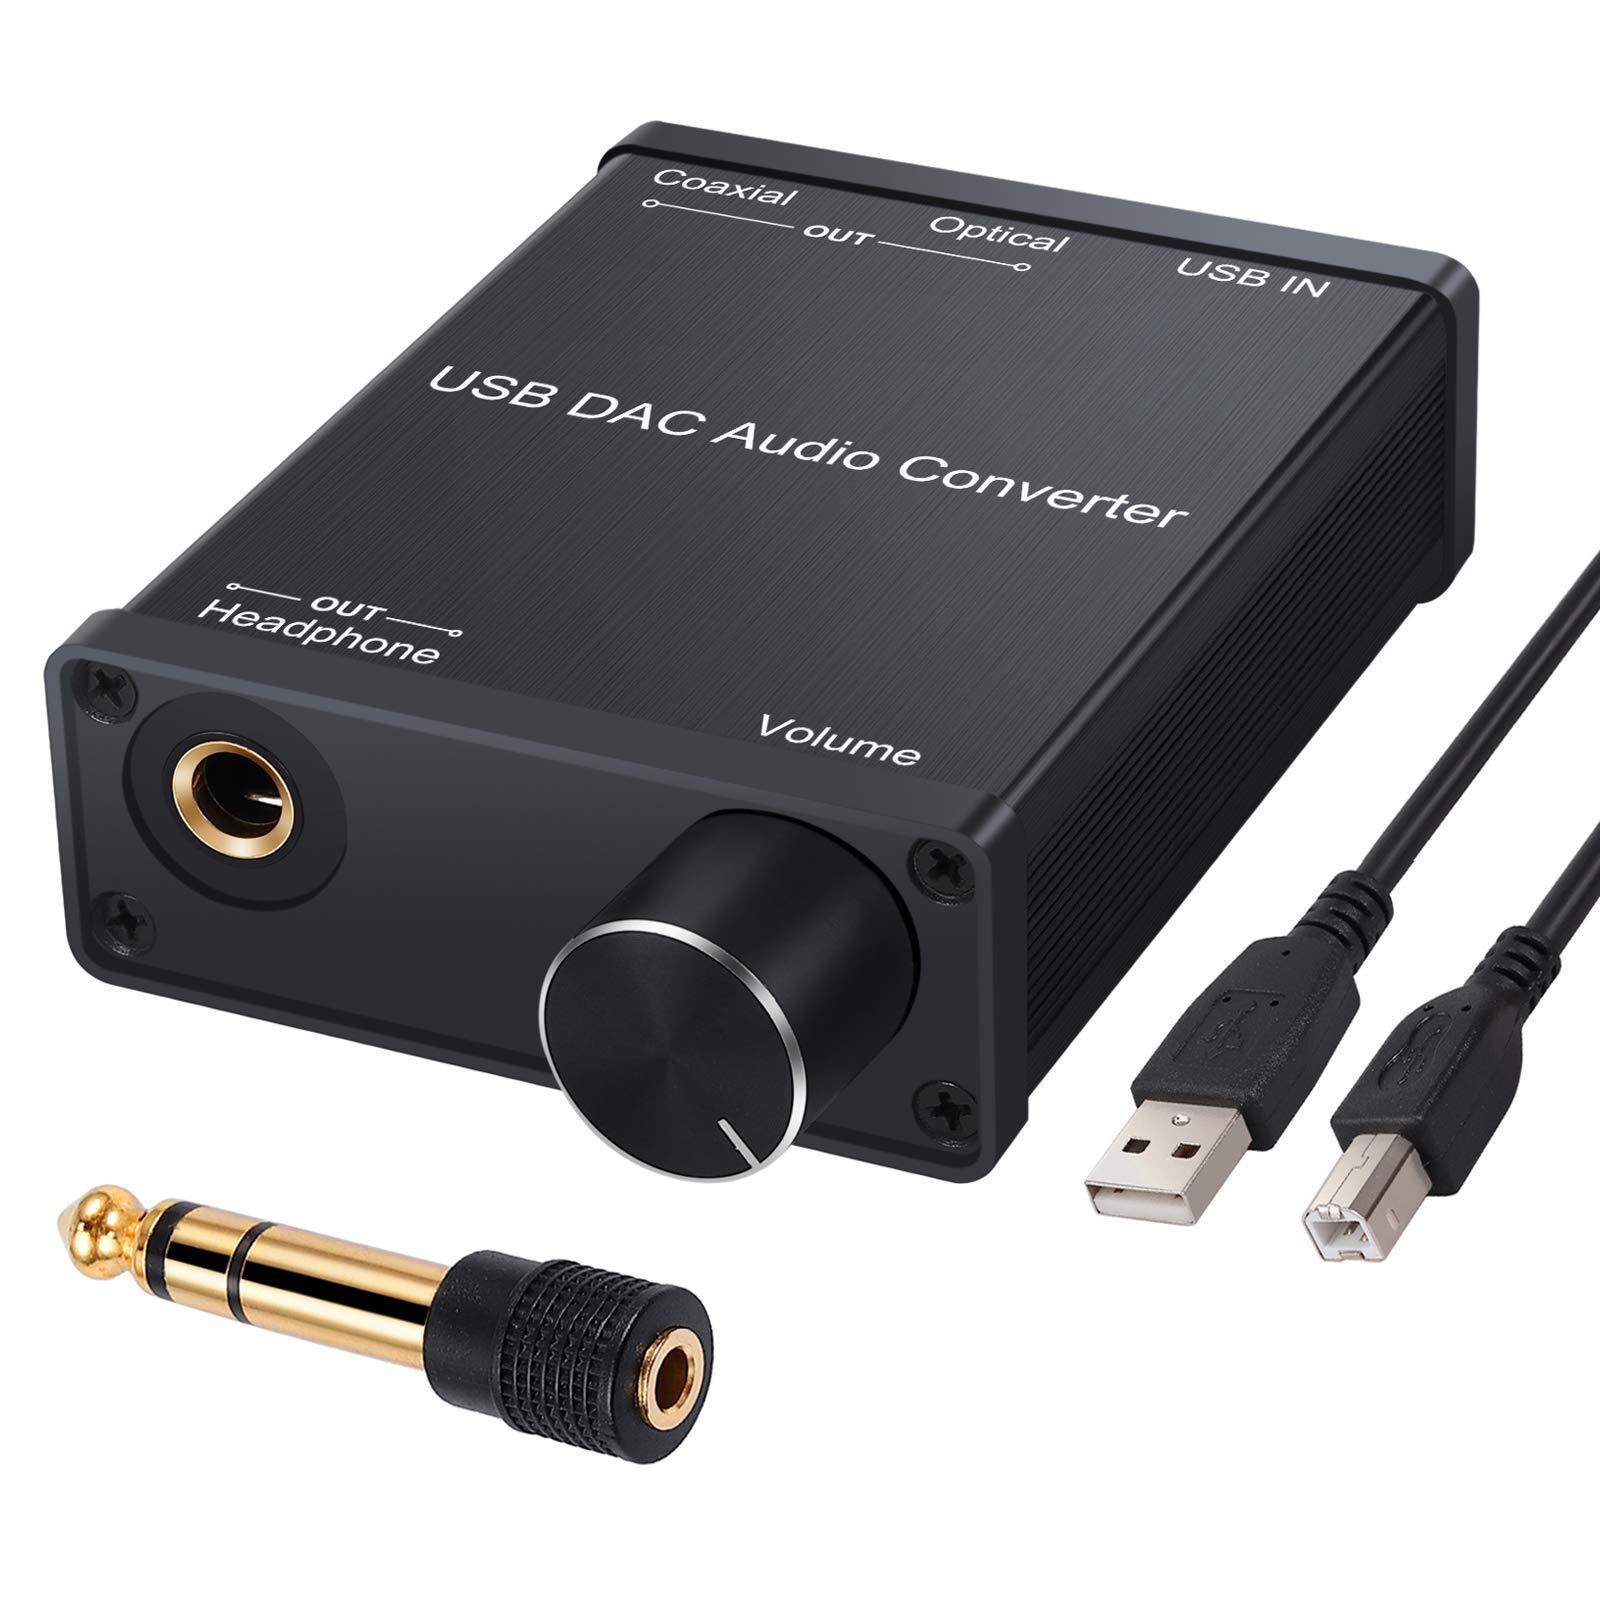 USB DAC Convertidor de Audio USB a Coaxial Toslink Optico Audio Digital a Analógica con Amplificador de Auriculares 6.35mm 16-300Ω Compatible con Windows Mac, PS4, PS3, Xbox 360, Xbox One S: Amazon.es: